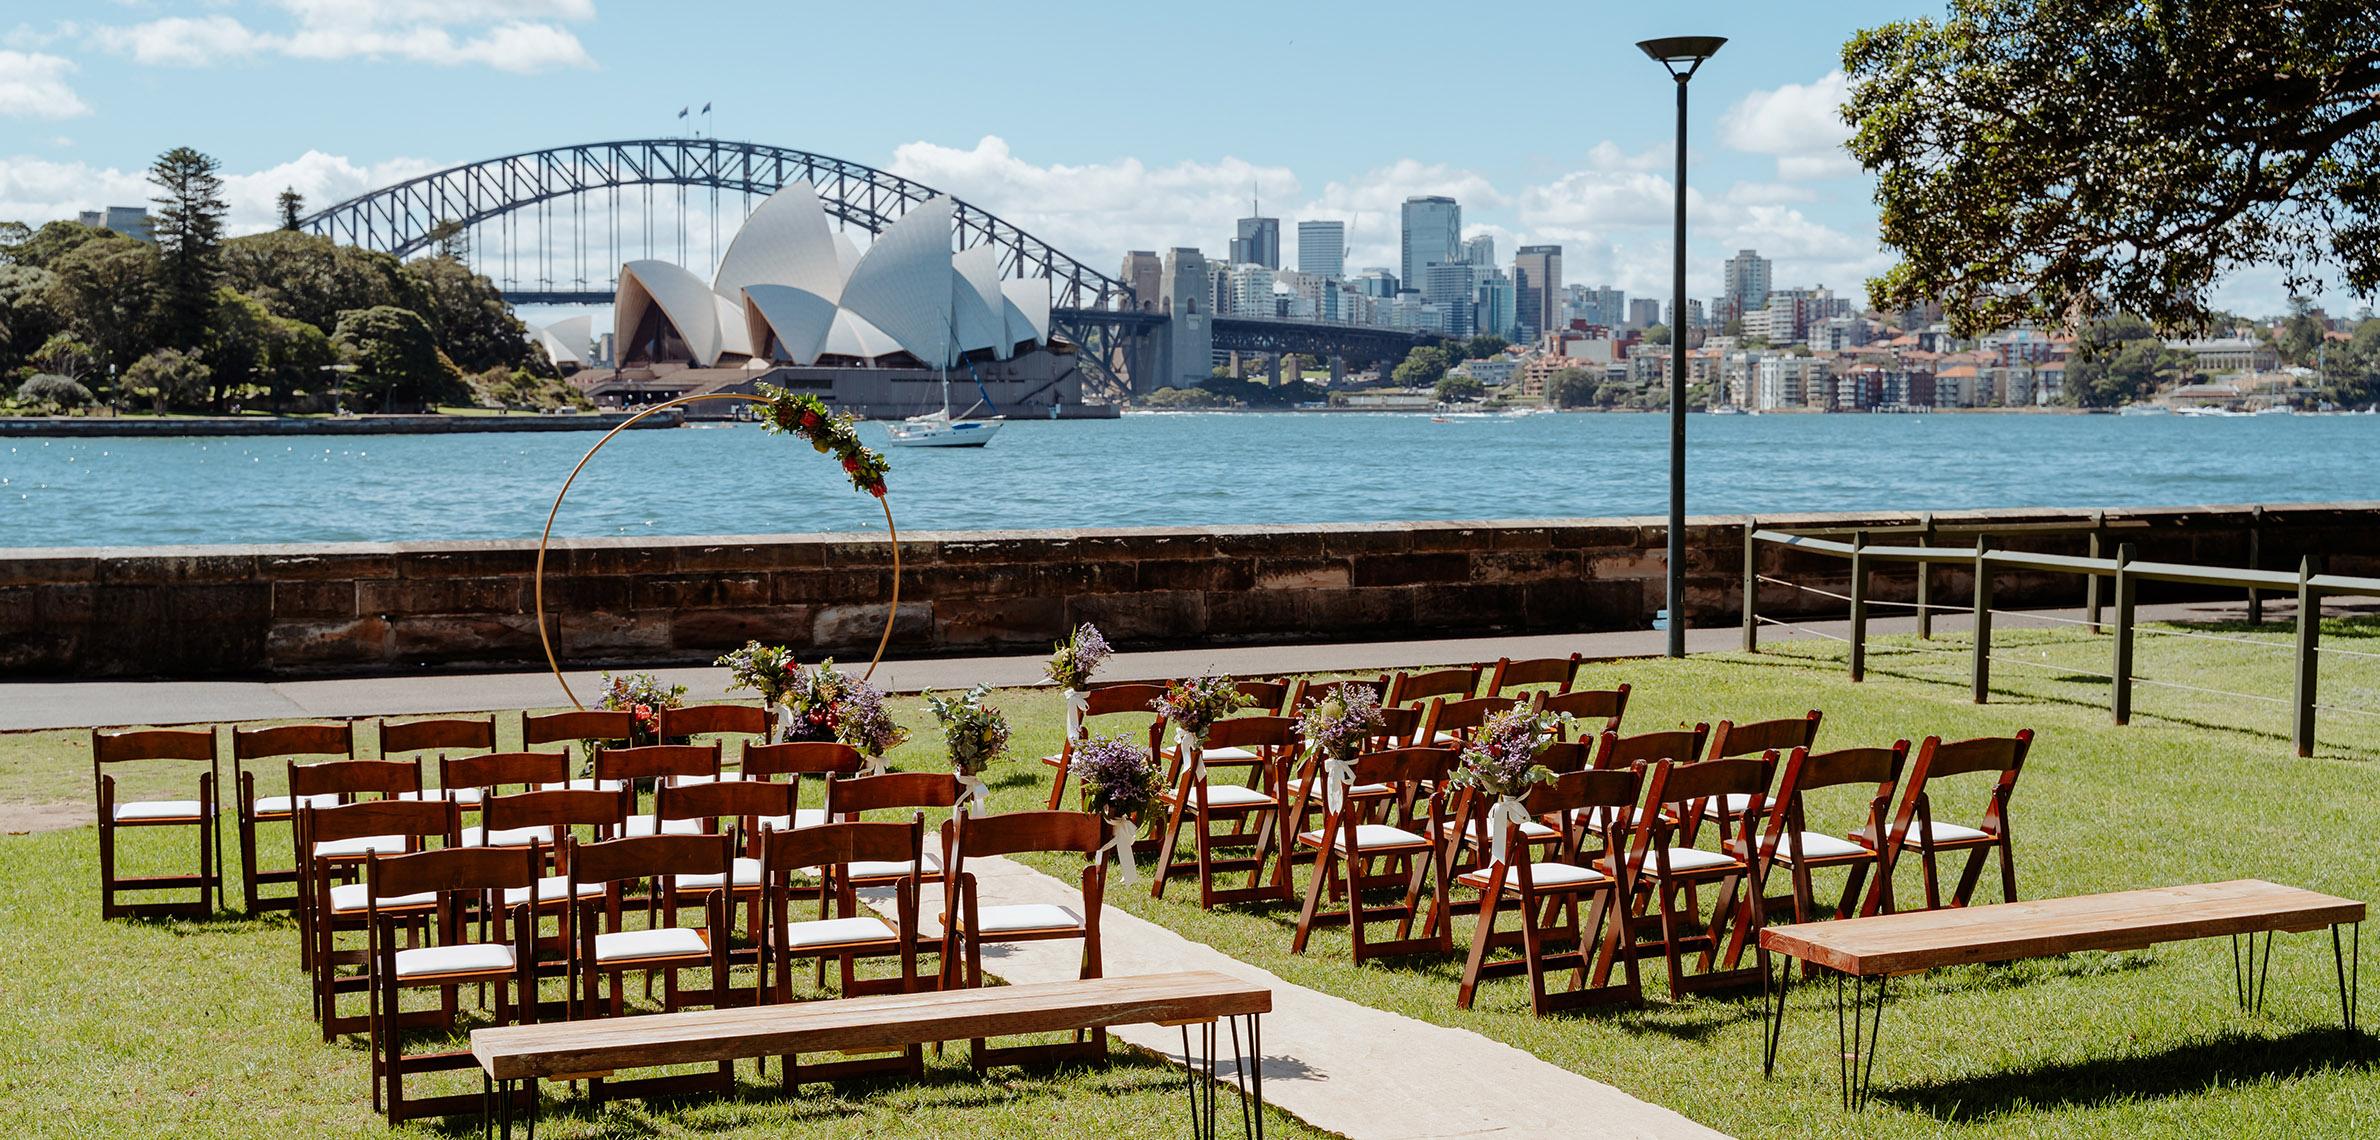 悉尼婚禮跟拍,悉尼婚禮攝影攝像,悉尼婚礼摄影摄像,悉尼网红婚纱拍摄点,网红旅拍婚纱照,悉尼婚纱摄影,悉尼婚礼拍摄,悉尼婚纱照,雪梨婚纱摄影,悉尼婚纱影楼,澳洲旅拍,悉尼婚纱旅拍,悉尼婚纱店,Royal Botanic Garden婚礼拍摄